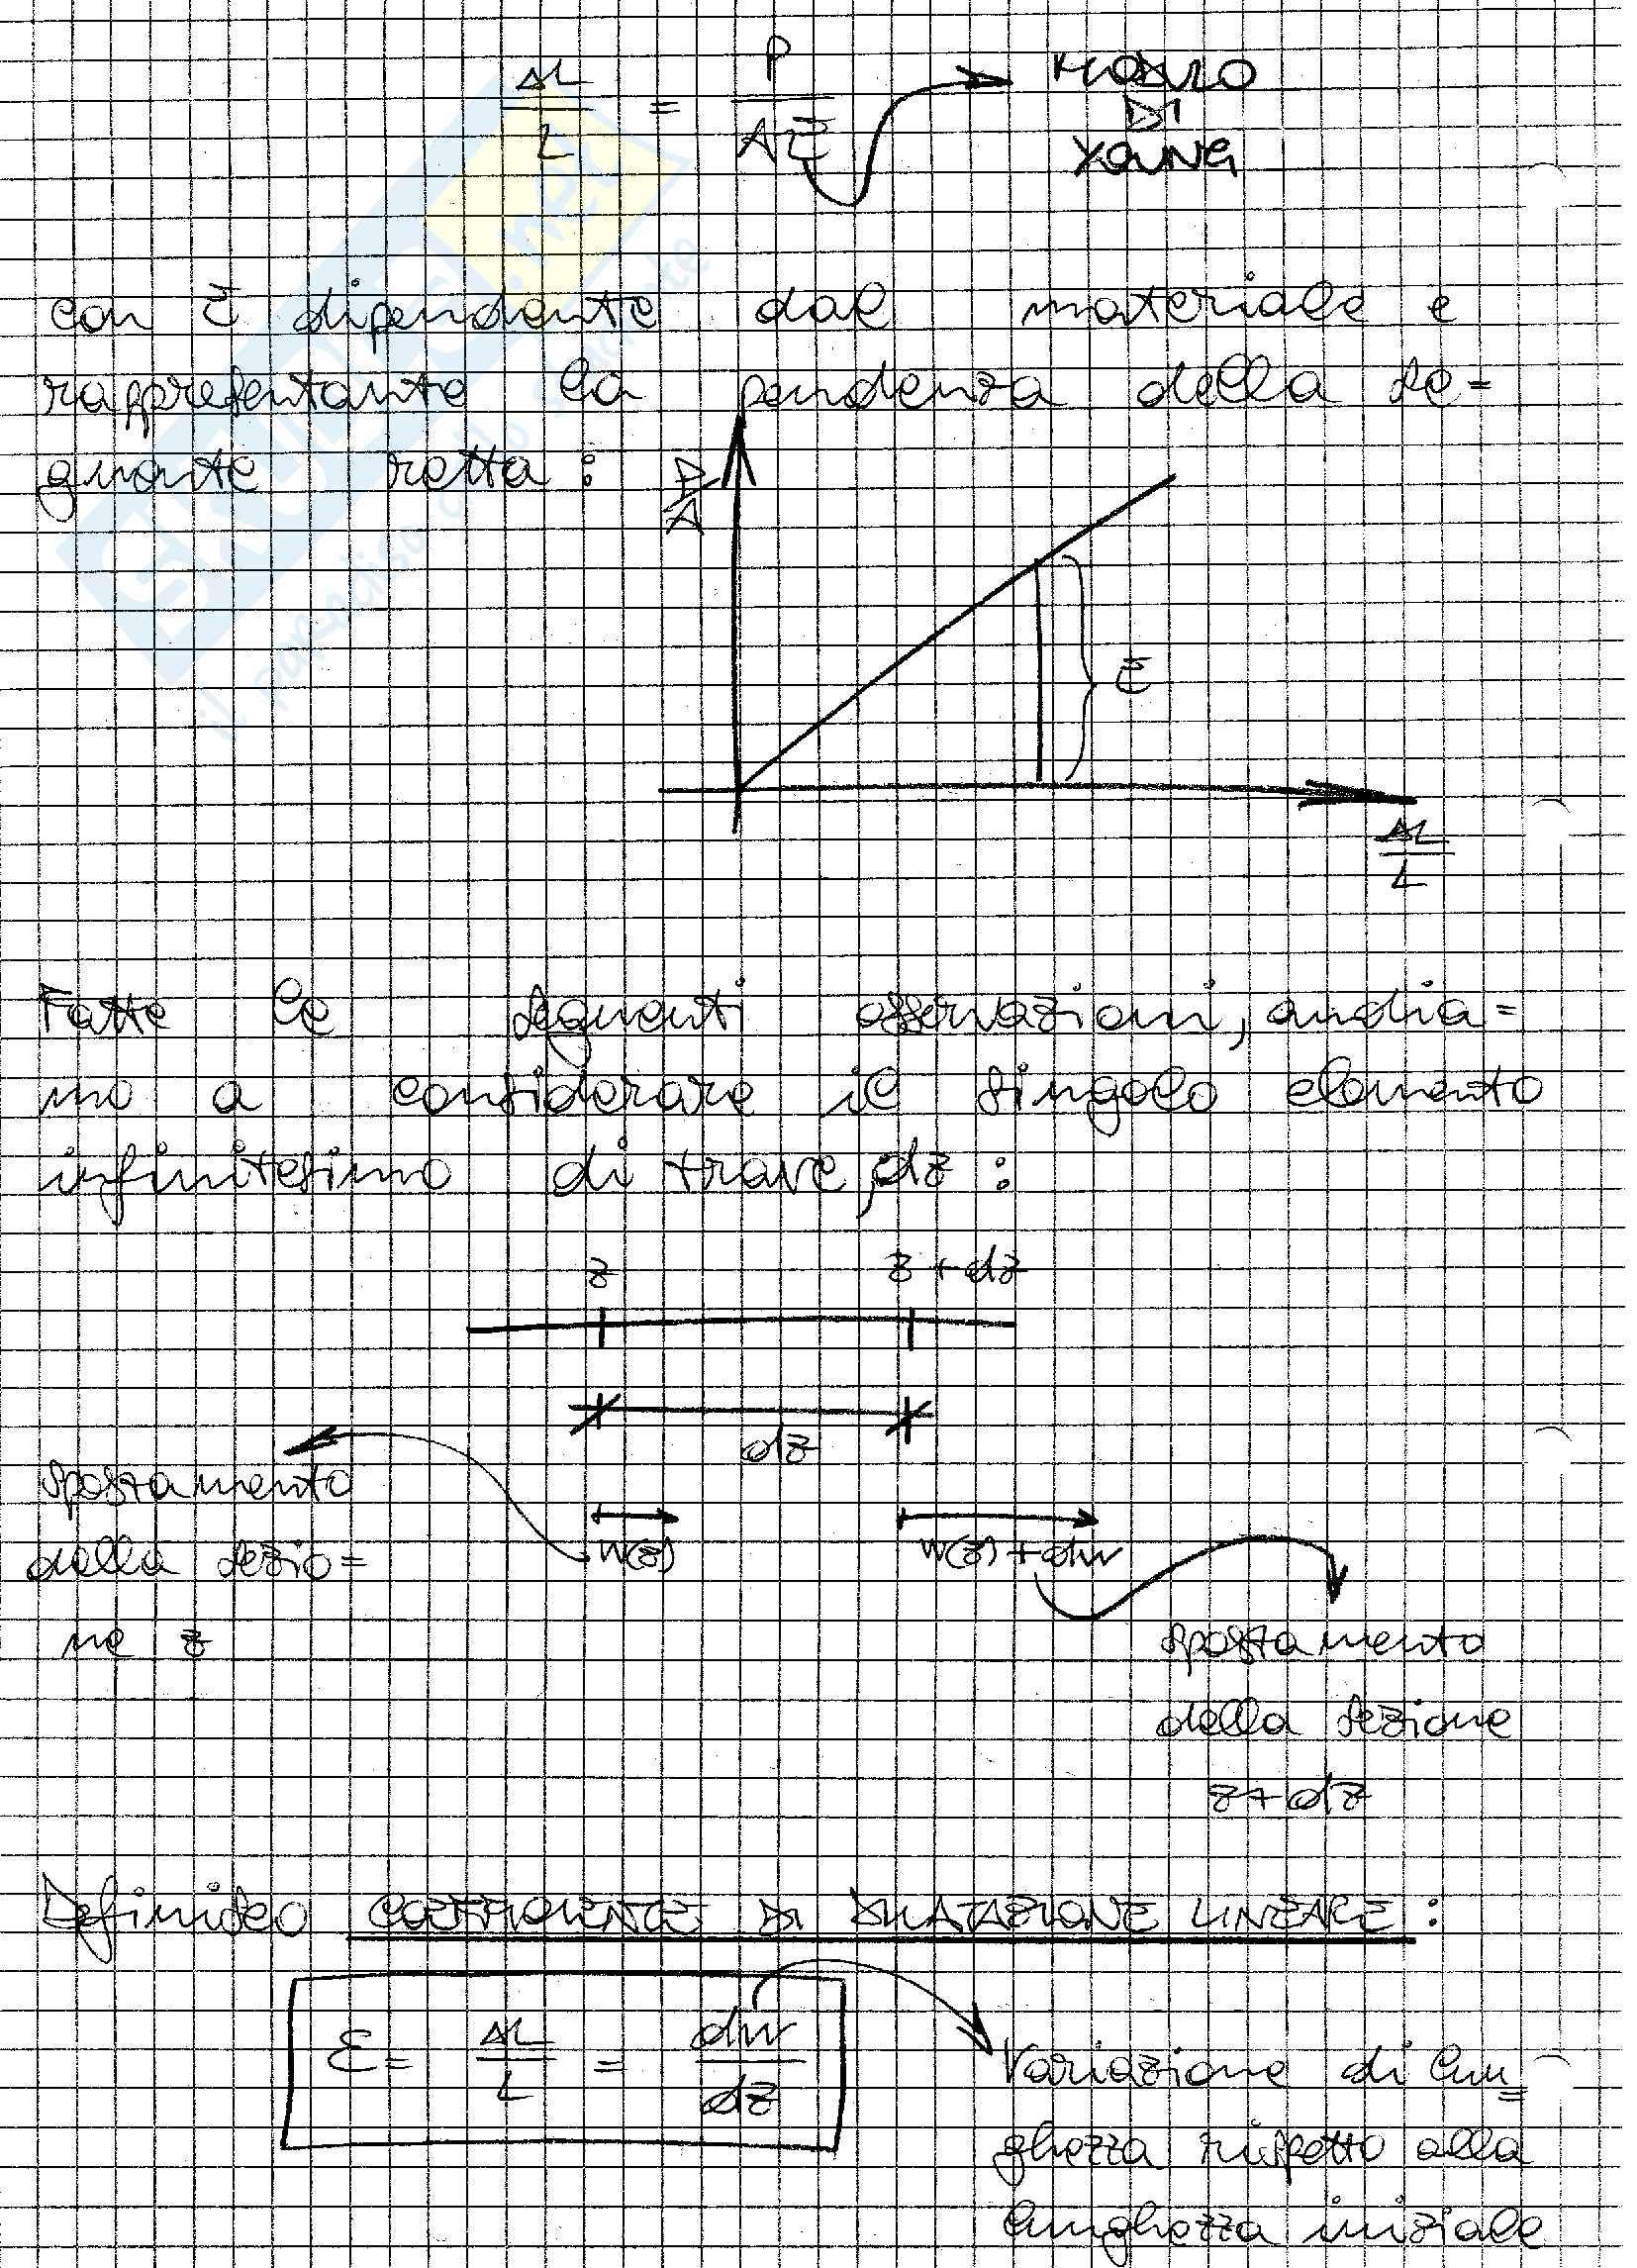 Telai piani, diagrammi qualitativi, metodo degli spostamenti e delle forze Pag. 16